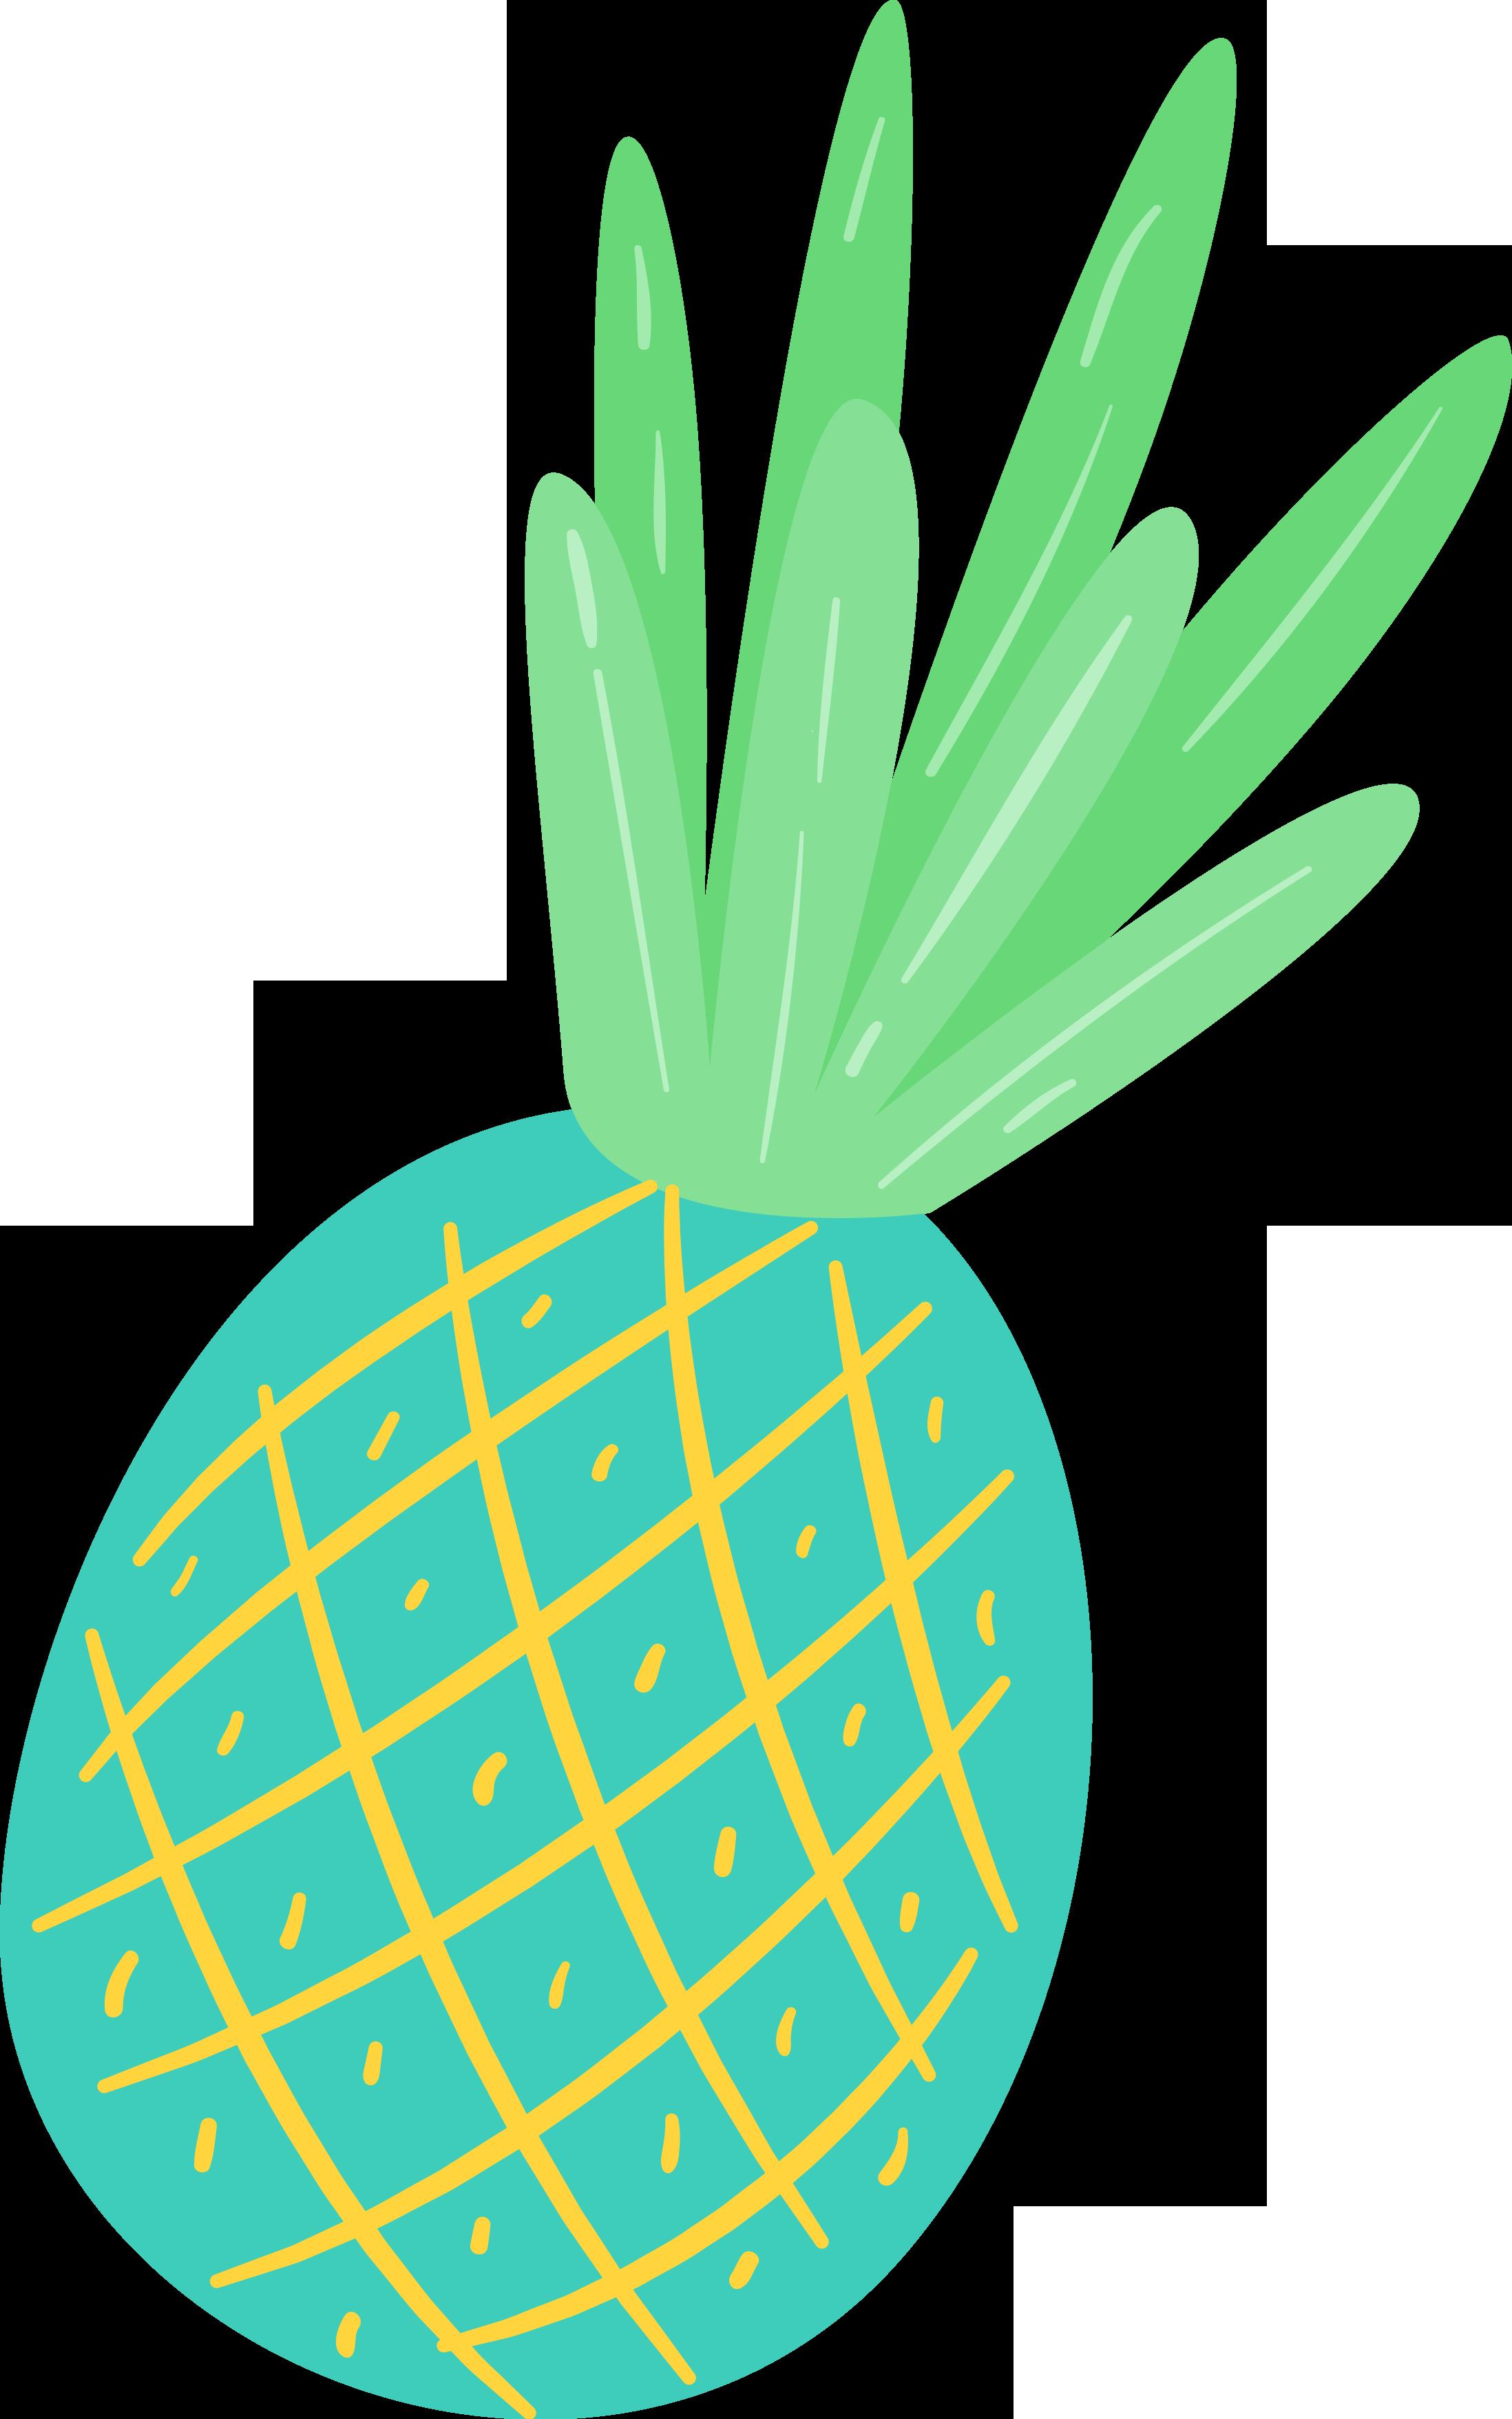 Free summer fun pretty. Pineapple clipart cute